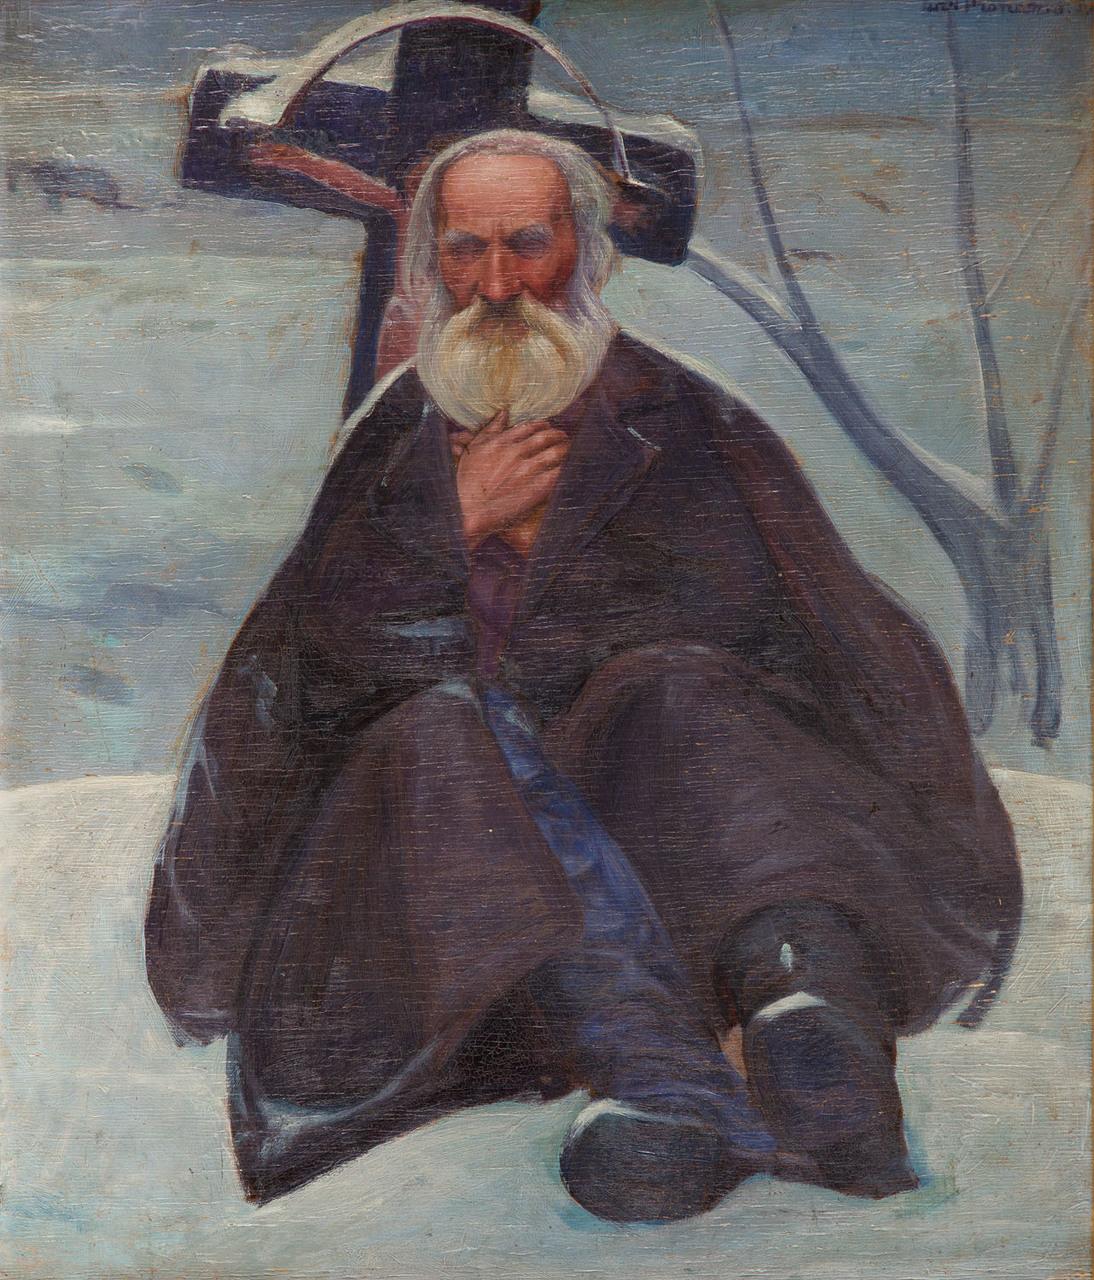 We wczesnym okresie ok. 1908 roku) Pronaszko tworzył pod wpływem malarstwa Jacka Malczewskiego, źródło: Desa Unicum